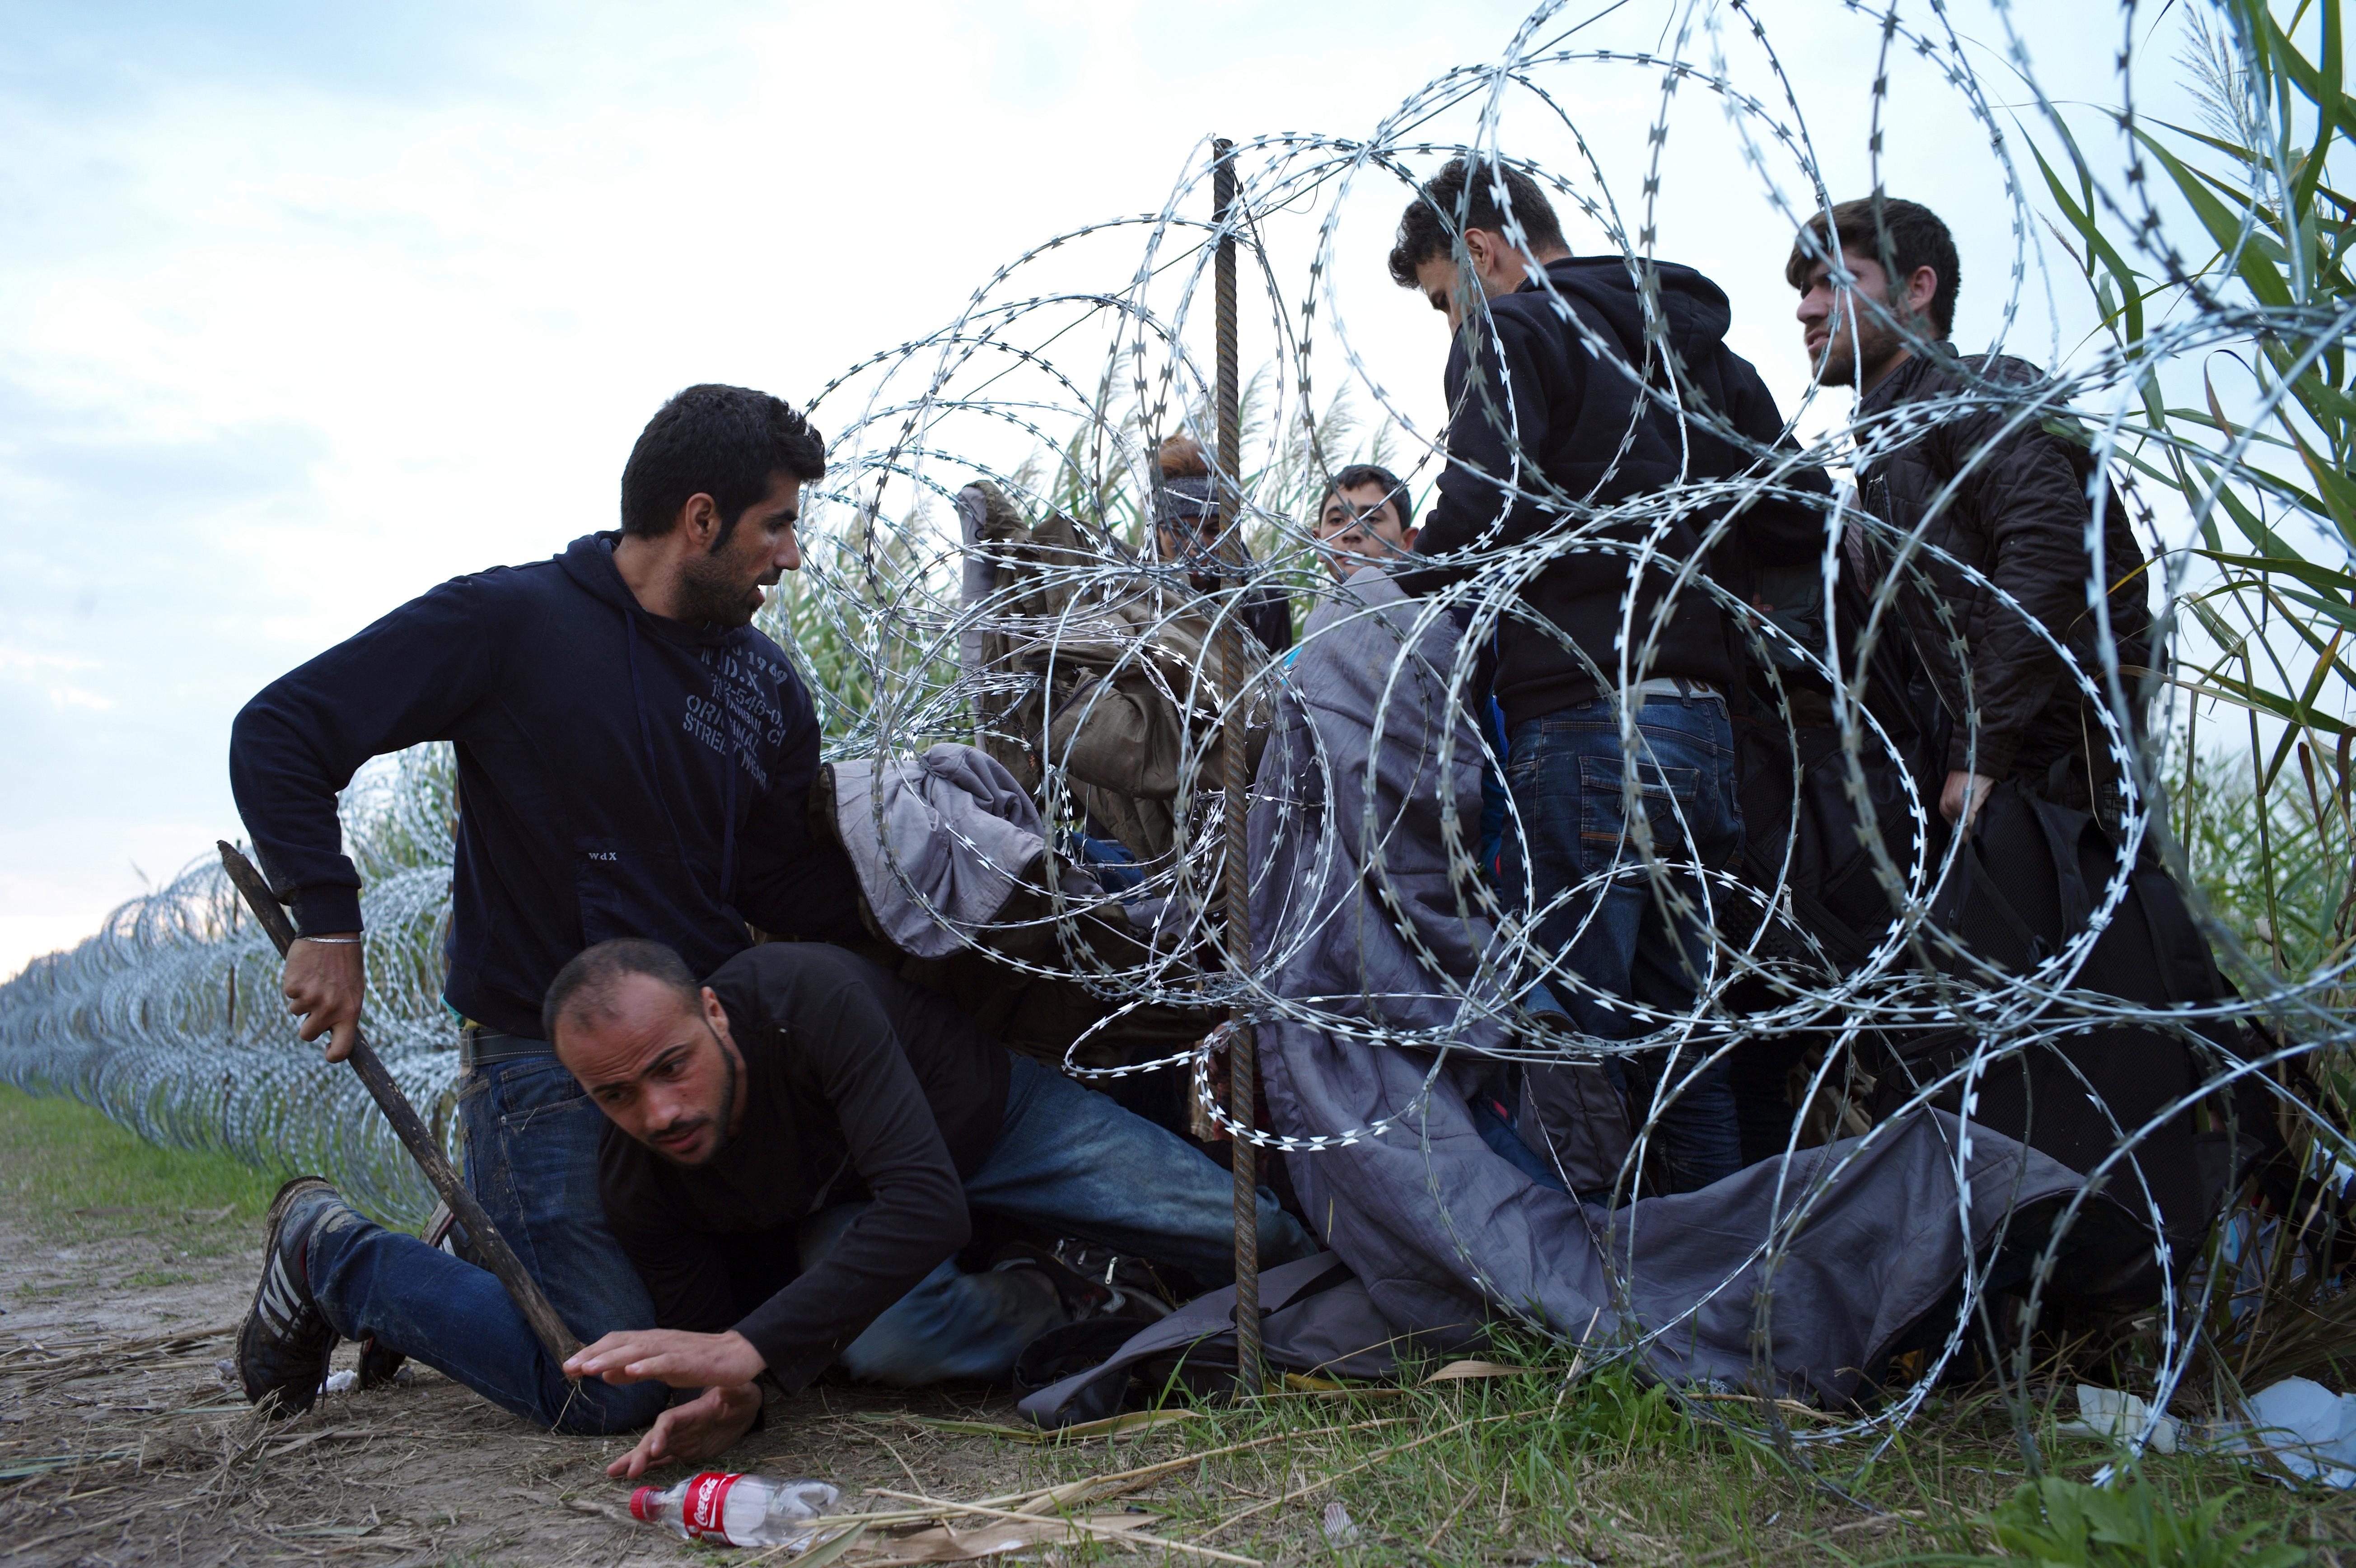 塞爾維亞邊界的敘利亞移民闖越鐵絲網,進入匈牙利(美聯社)